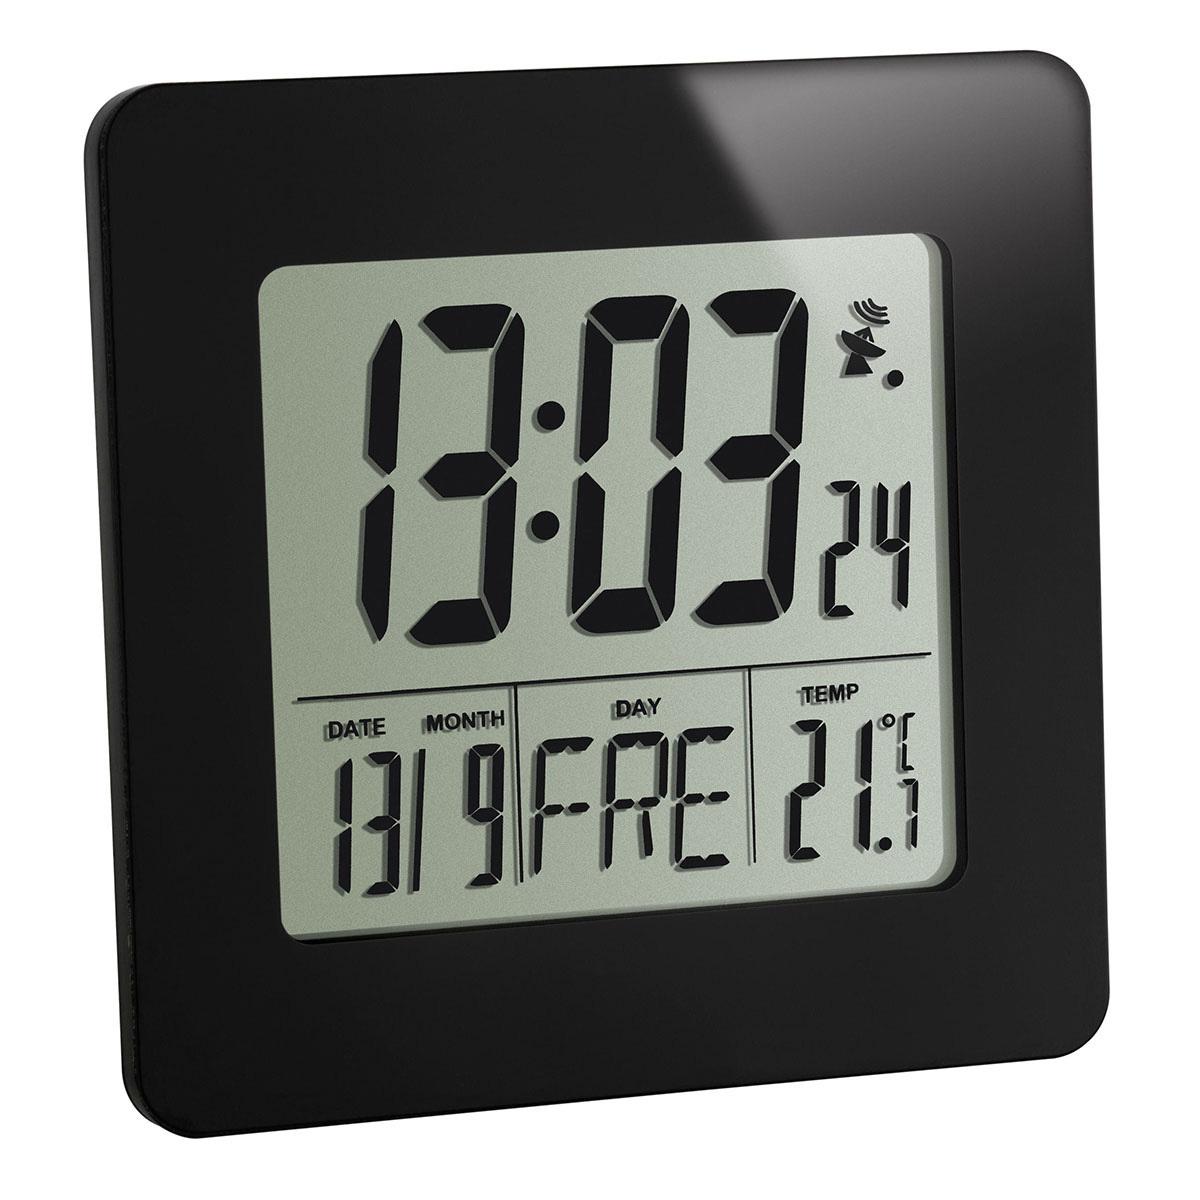 60-2525-01-digitaler-funk-wecker-mit-temperatur-ansicht-1200x1200px.jpg